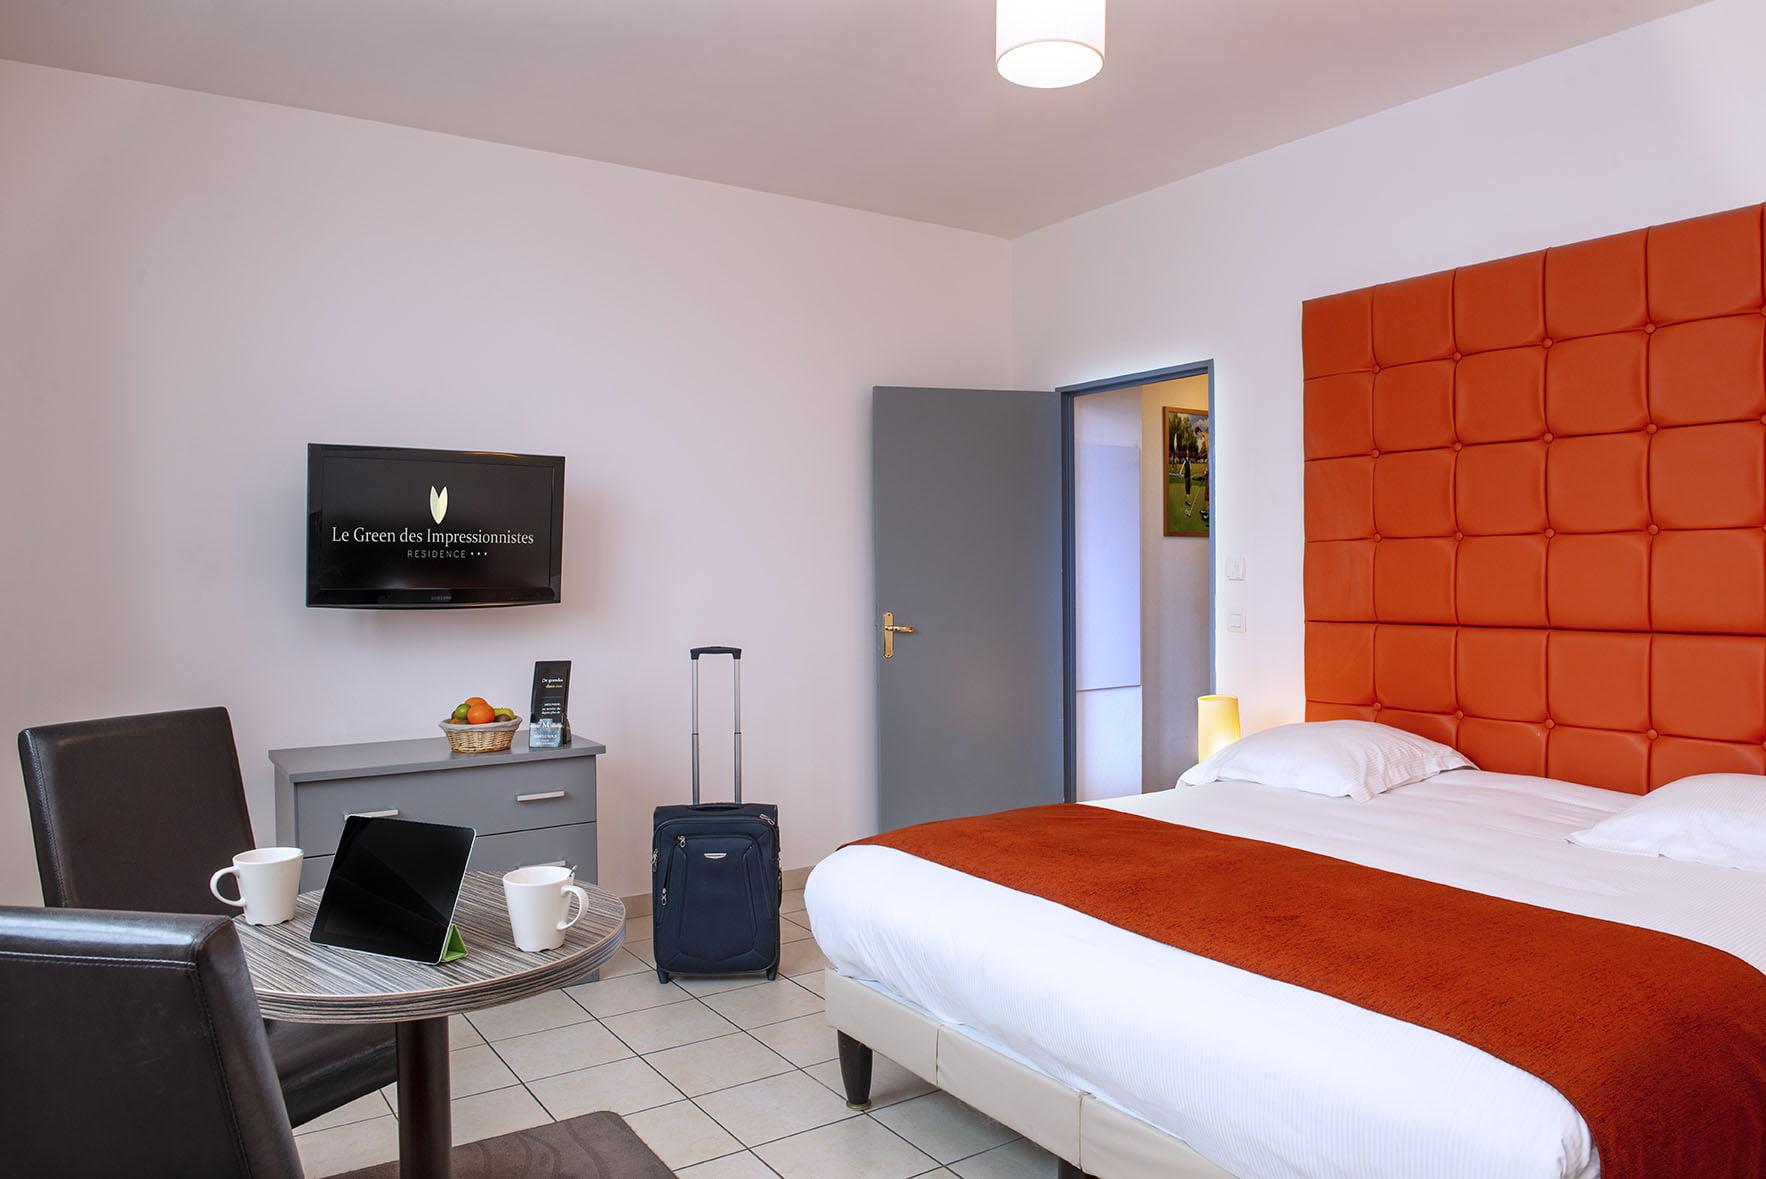 Grand lit double, table, fauteuils et écran dans une chambre du Green des Impressionnistes